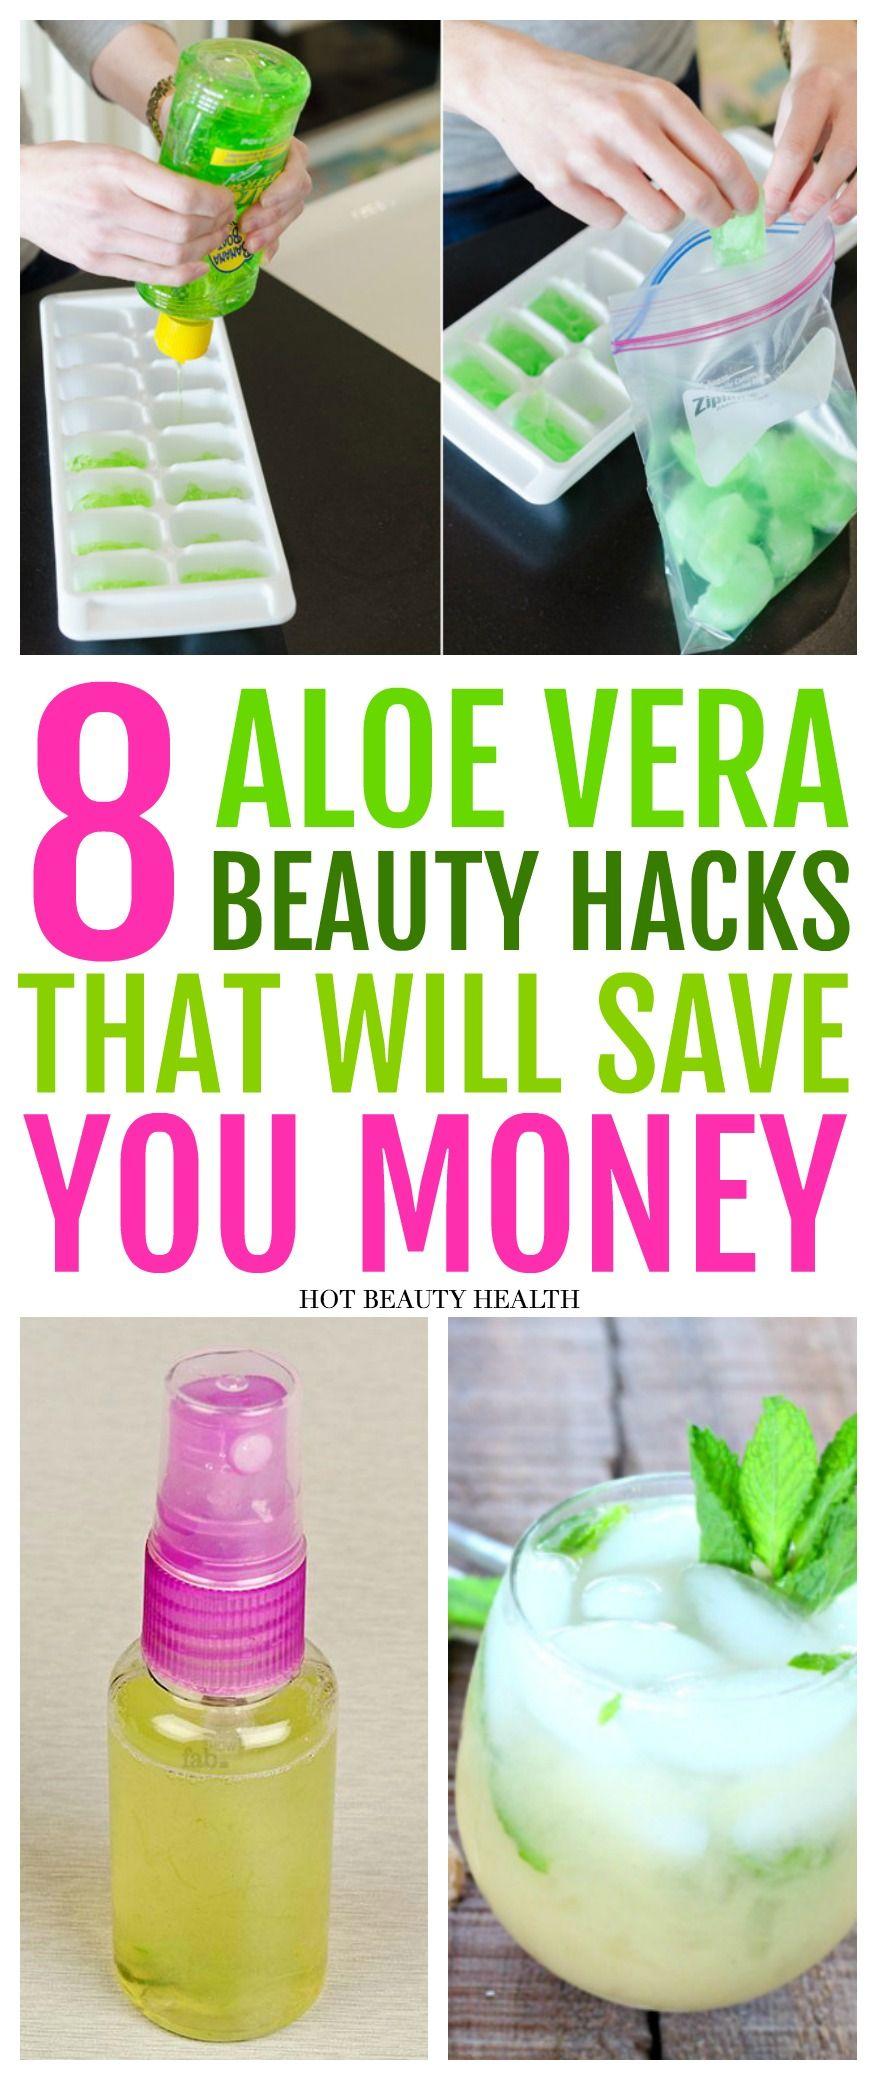 12 Aloe Vera Beauty Hacks That Will Save You Money - Hot Beauty